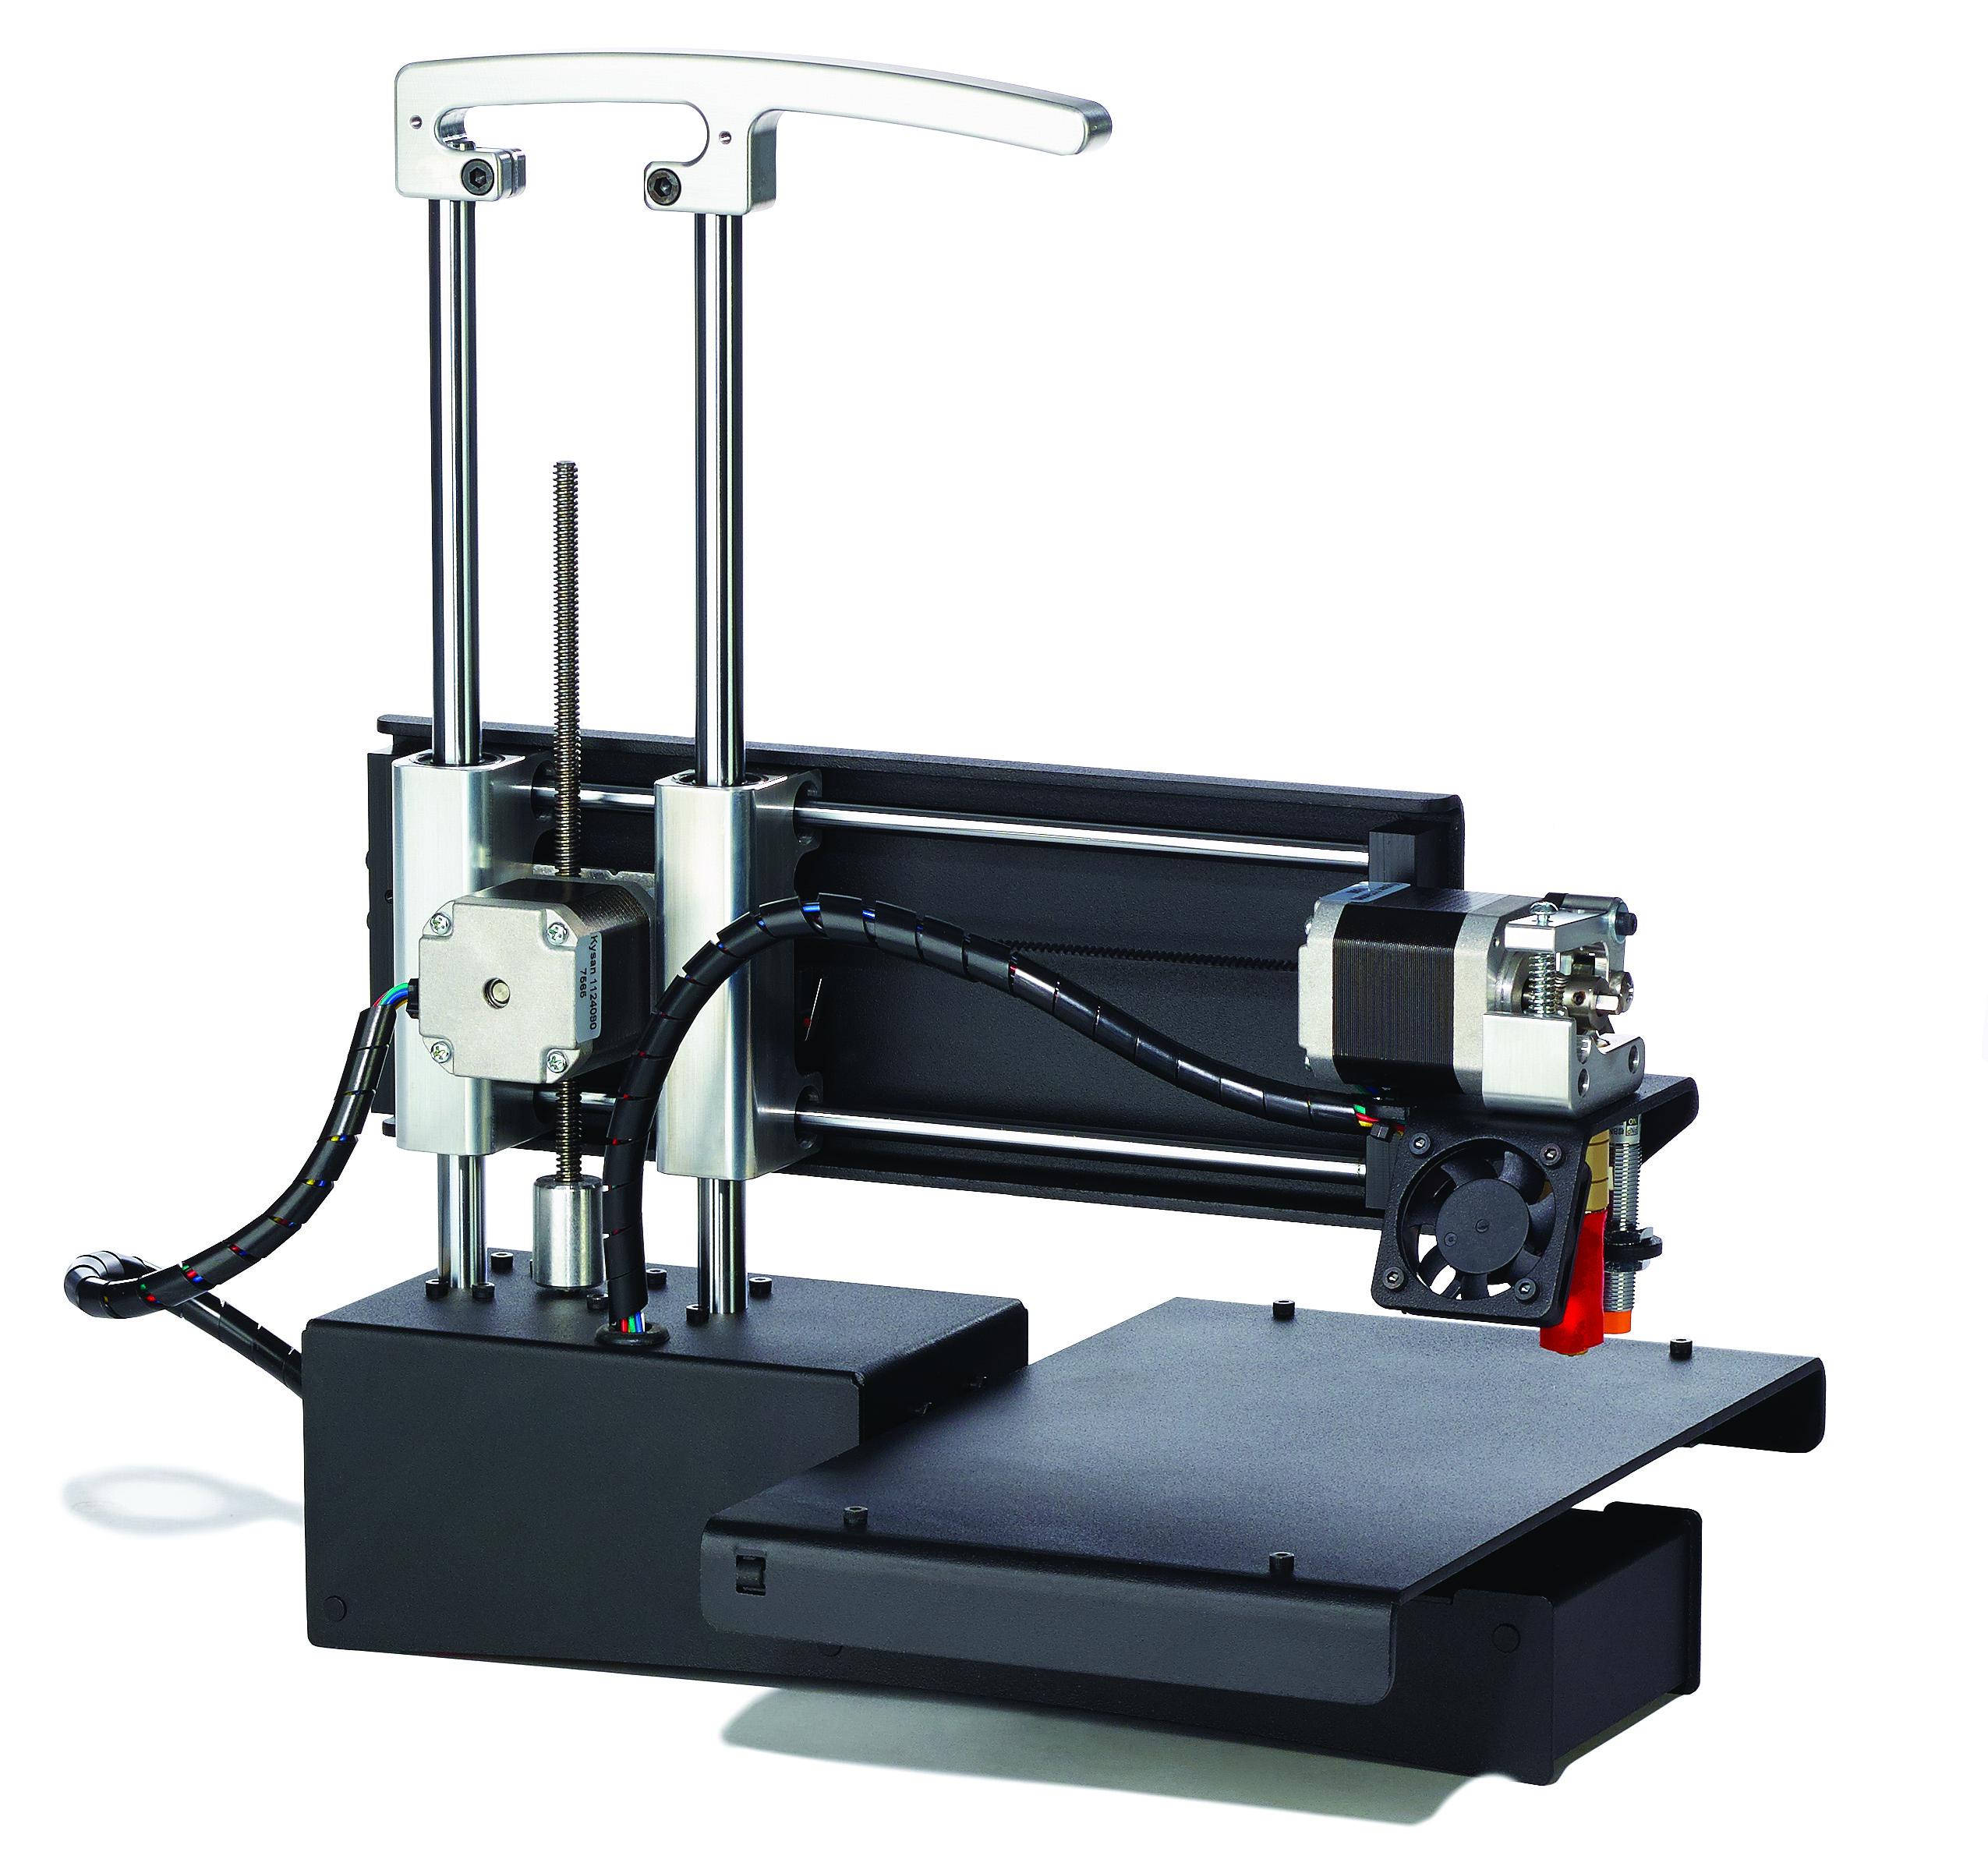 Review: Printrbot Simple Metal 3D Printer